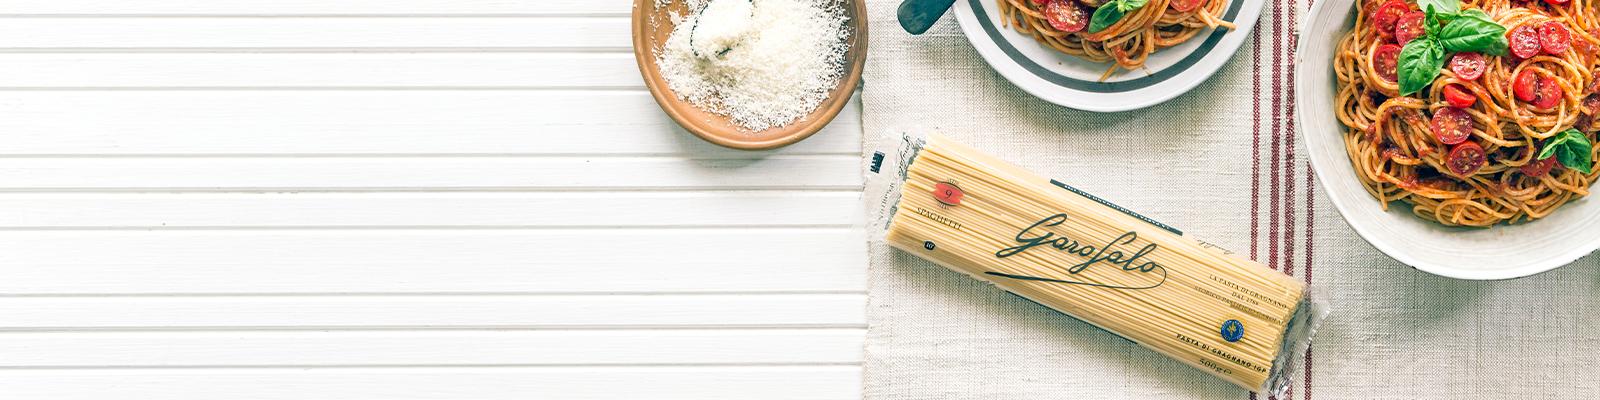 Pasta Garofalo - Lång Pasta